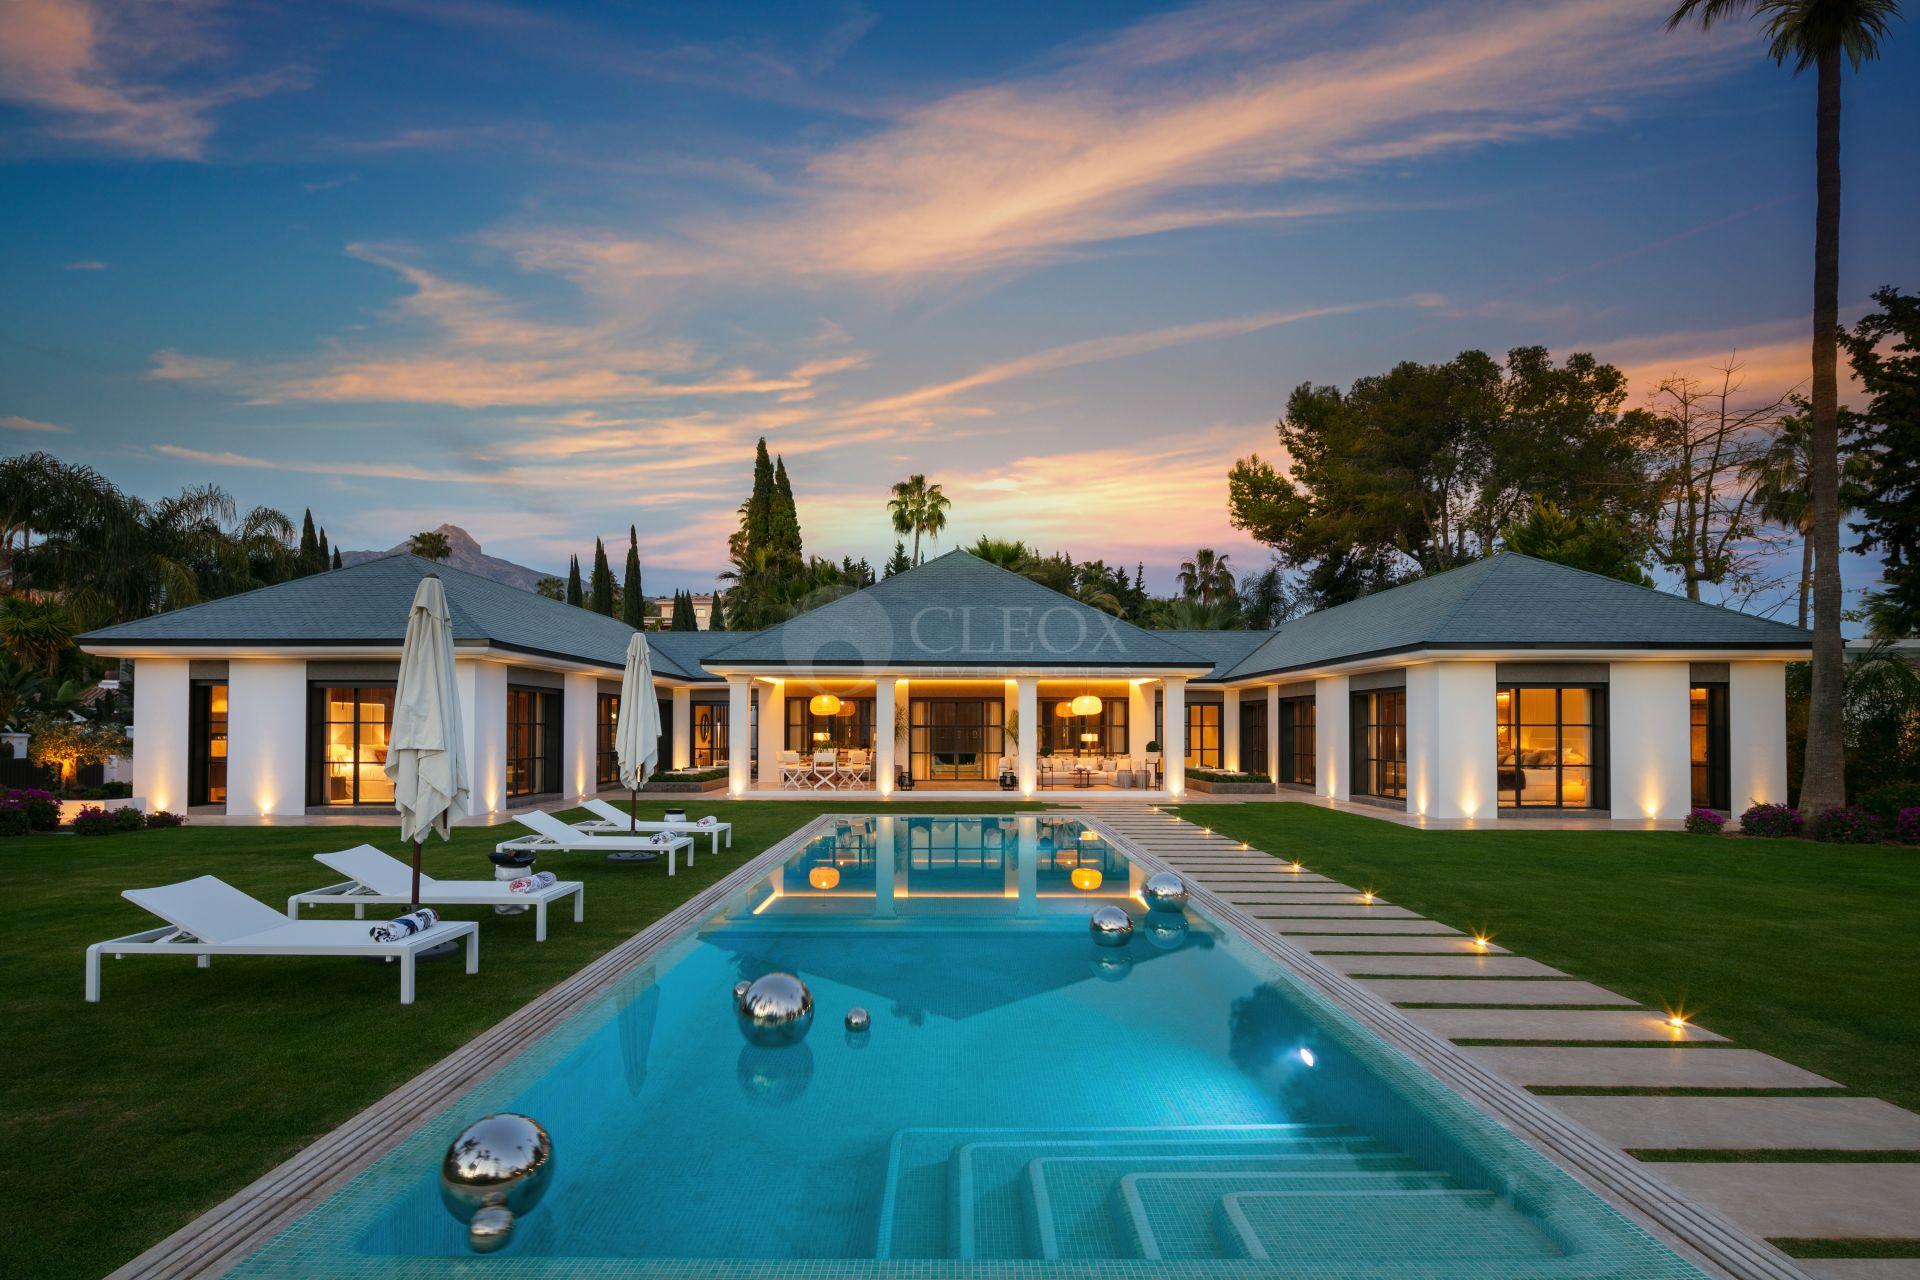 Brand new luxury villa for sale in Nueva Andalucia, frontline Las